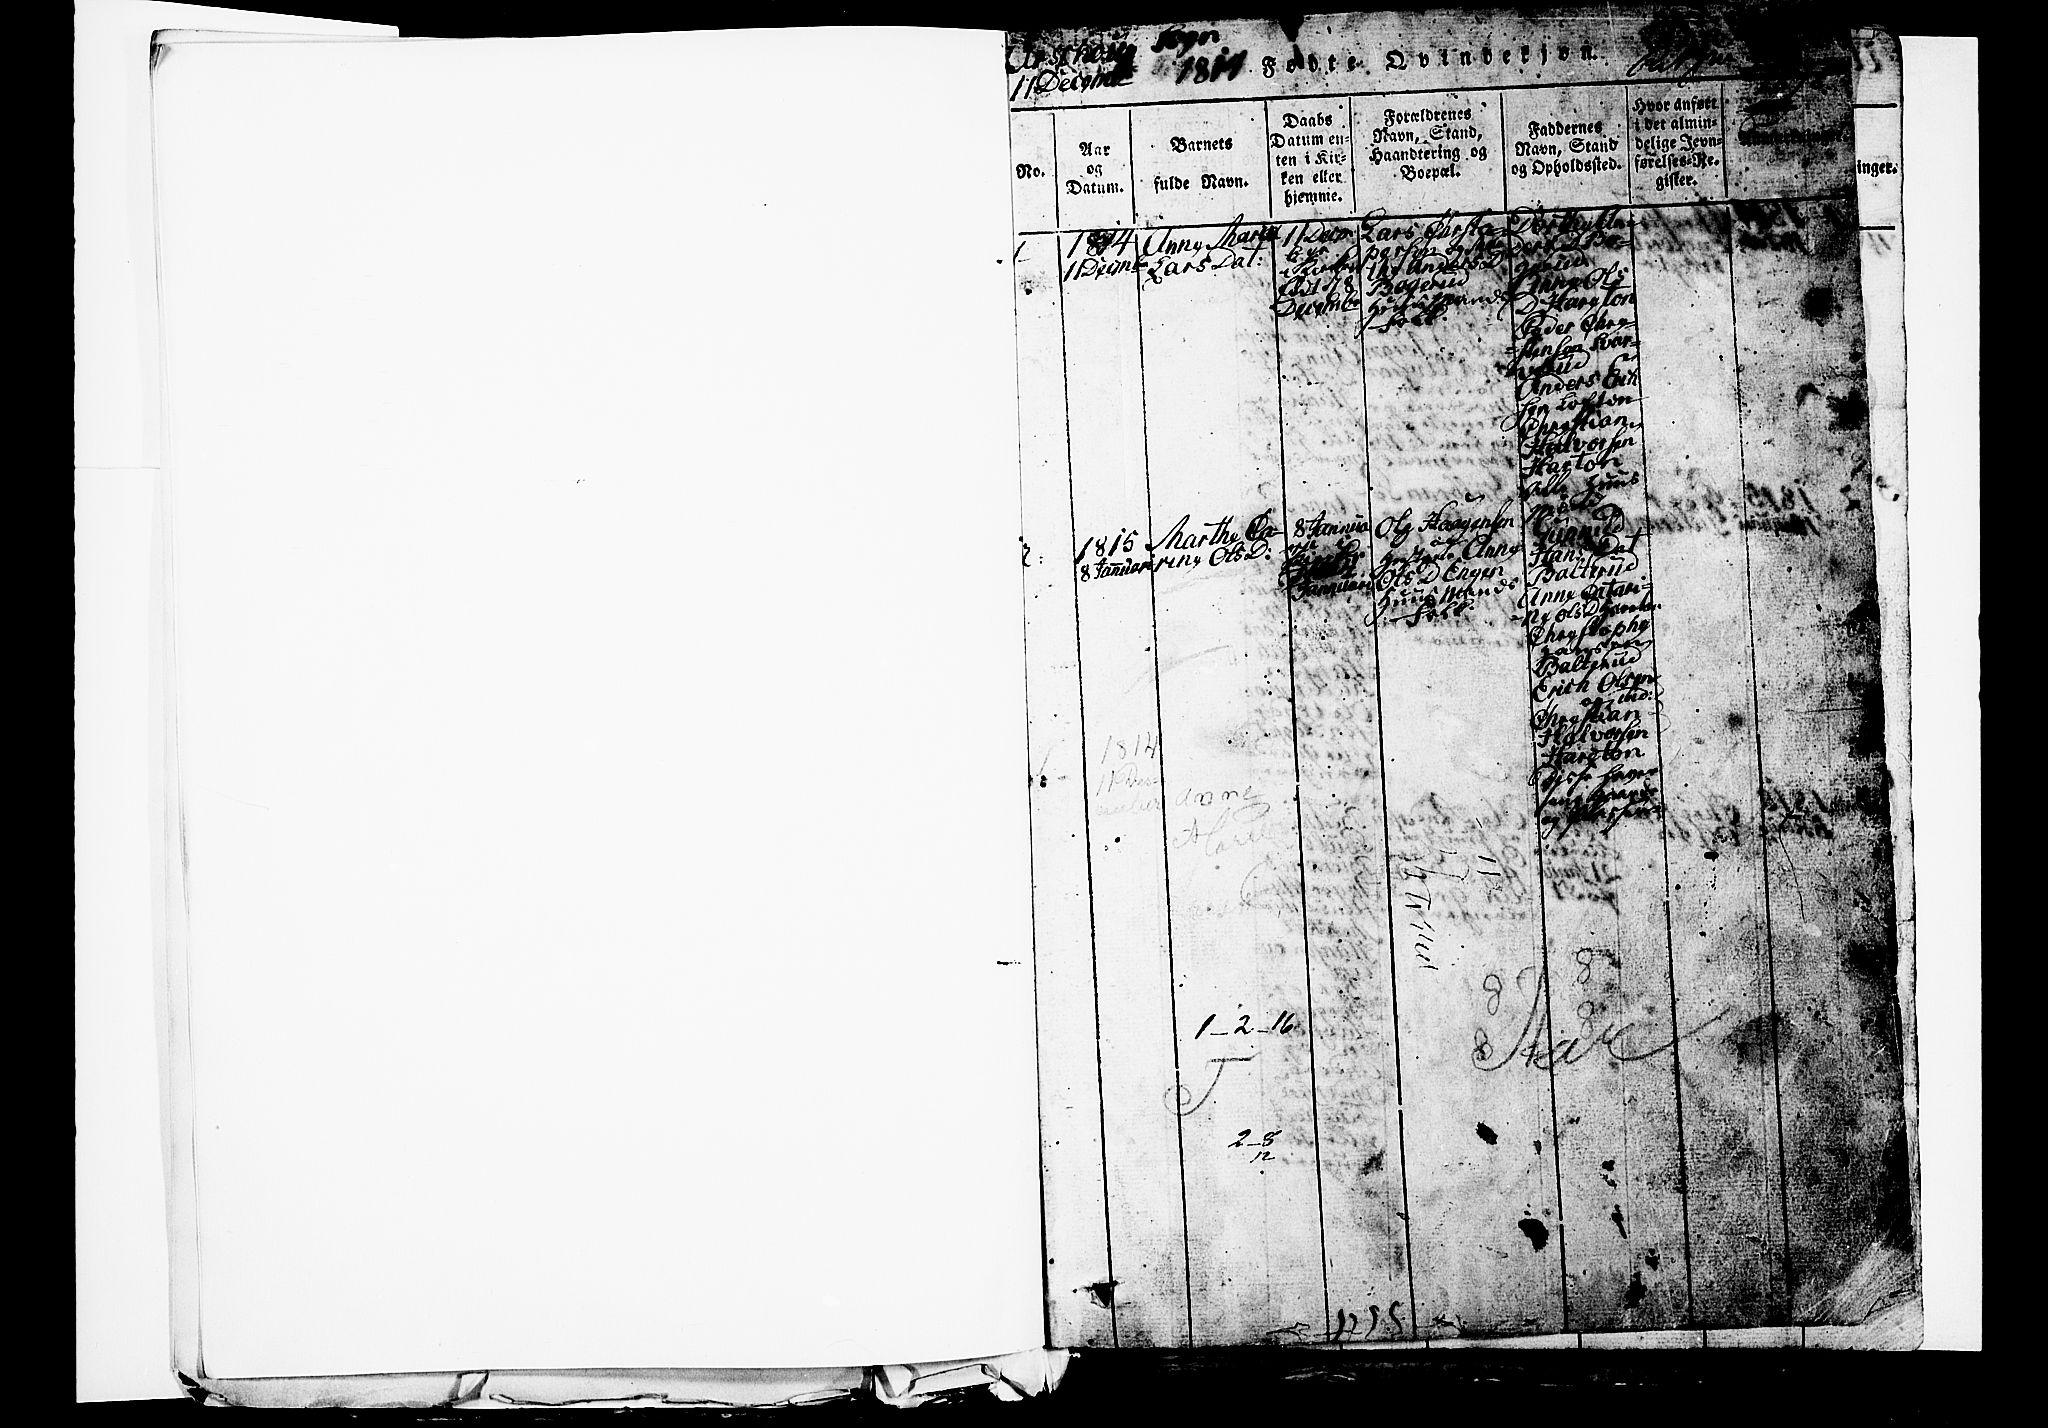 SAO, Aurskog prestekontor Kirkebøker, G/Ga/L0001: Klokkerbok nr. I 1, 1814-1829, s. 1